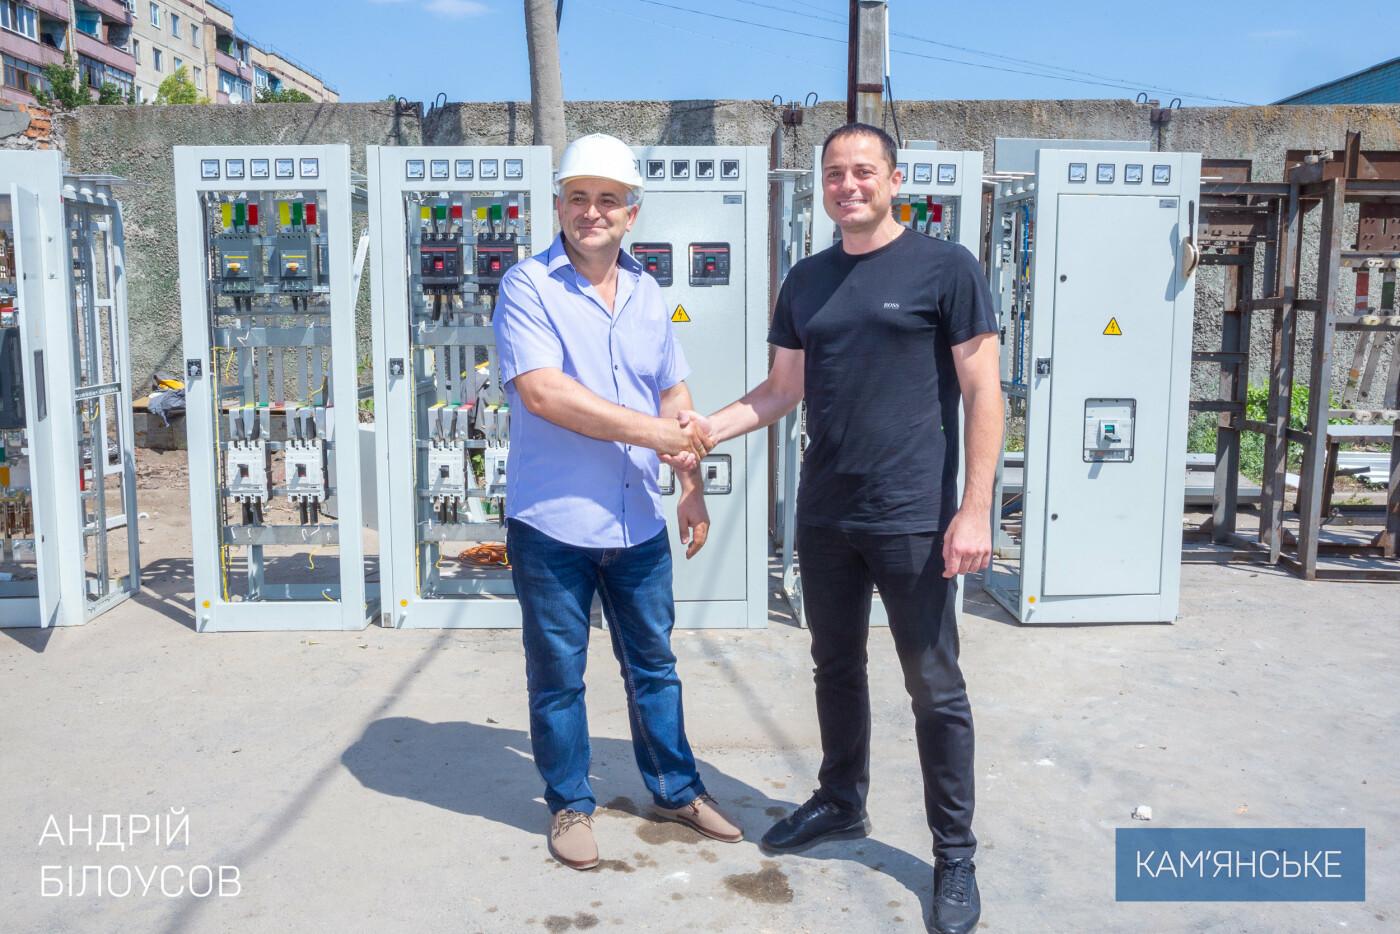 В Каменском завершаются работы по переводу жителей Соцгорода и «БАМа» на электроотопление, фото-1